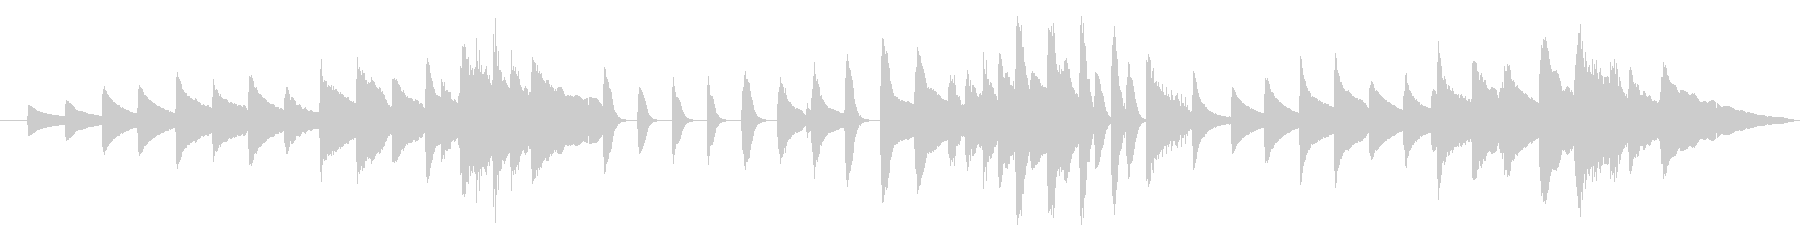 きらきら星 変奏9(リピート無し)の未再生の波形